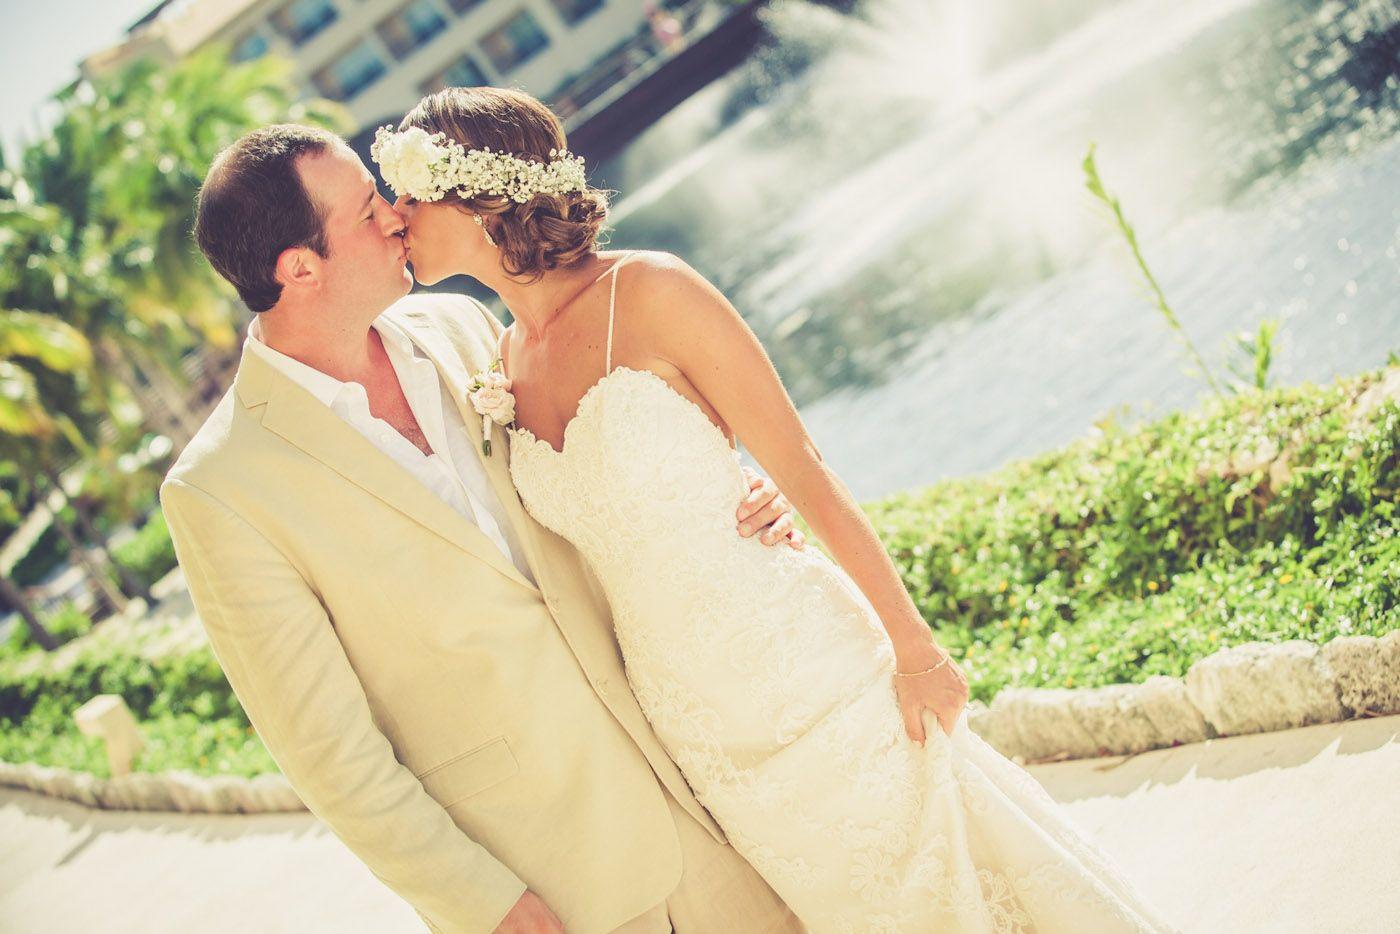 www.mavellee.com-boda-en-cancun-nancy-arianne-y-taylor-694